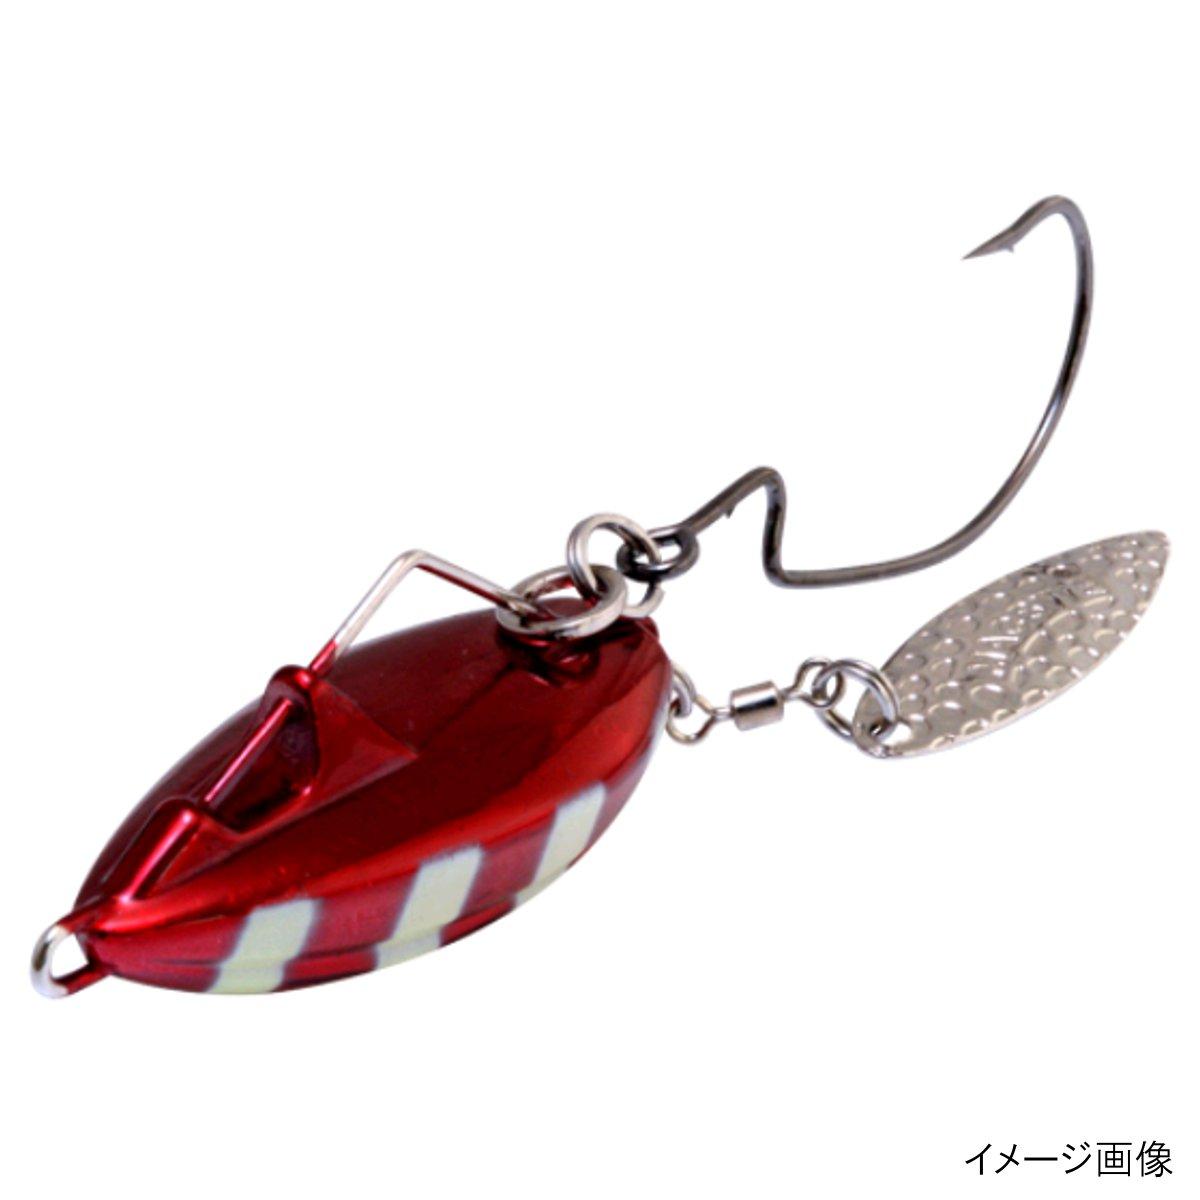 マグバイト バサロHD MBL05 60g 04ZR(ゼブラレッド)【ゆうパケット】